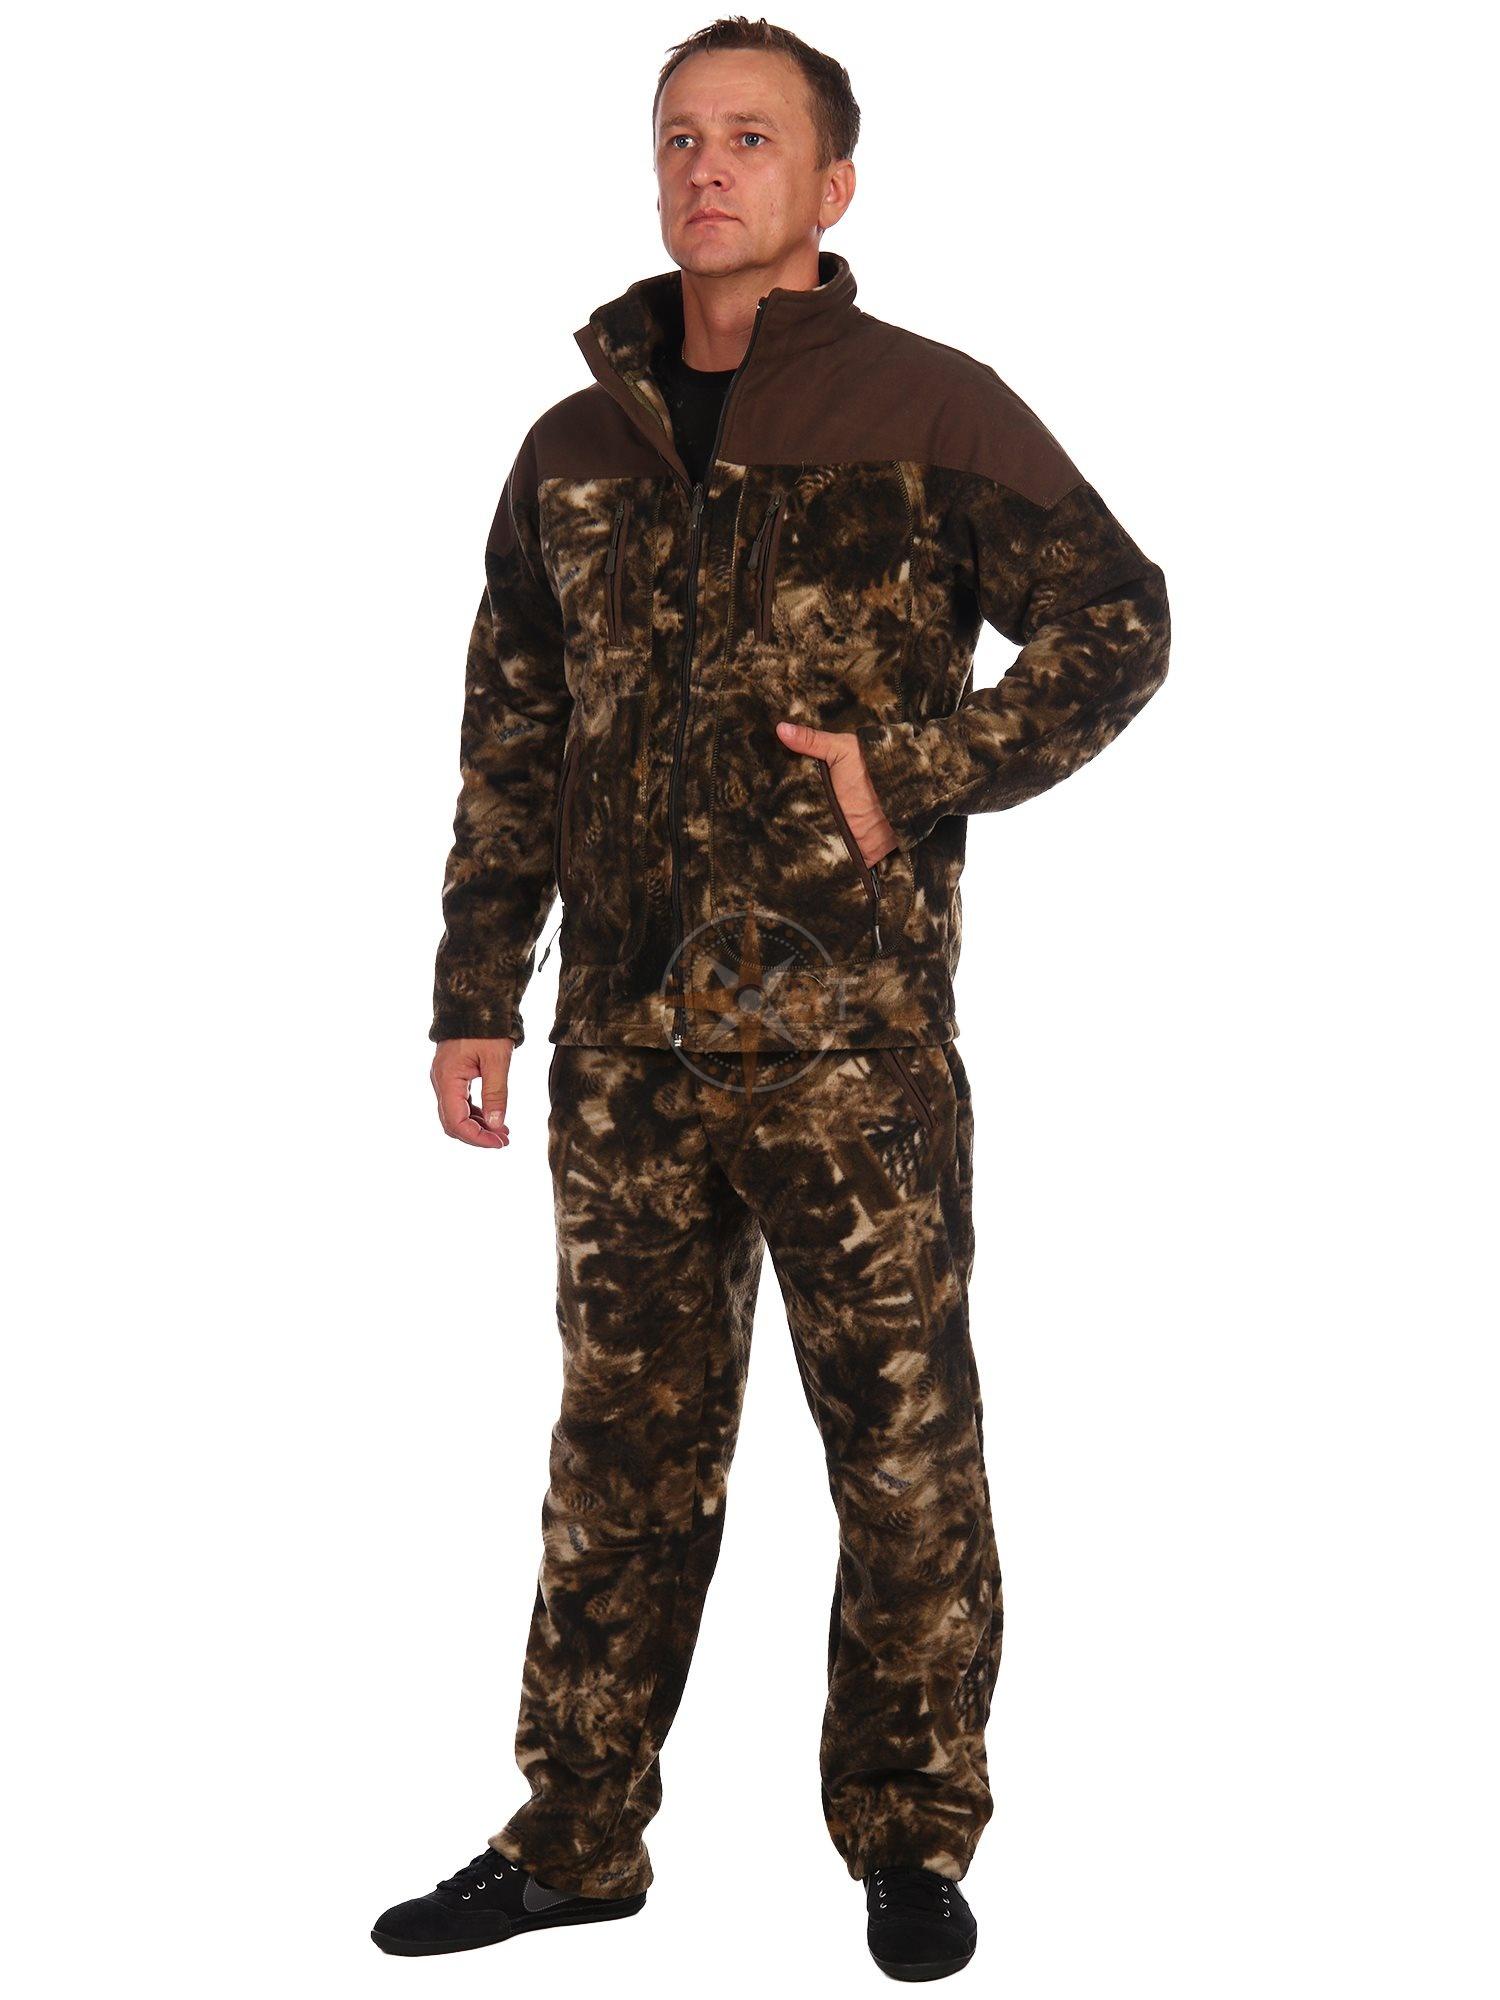 Костюм мужской iv59342 костюм рыболовный мужской fisherman nova tour хито цвет черный серый 95861 966 размер xxxl 58